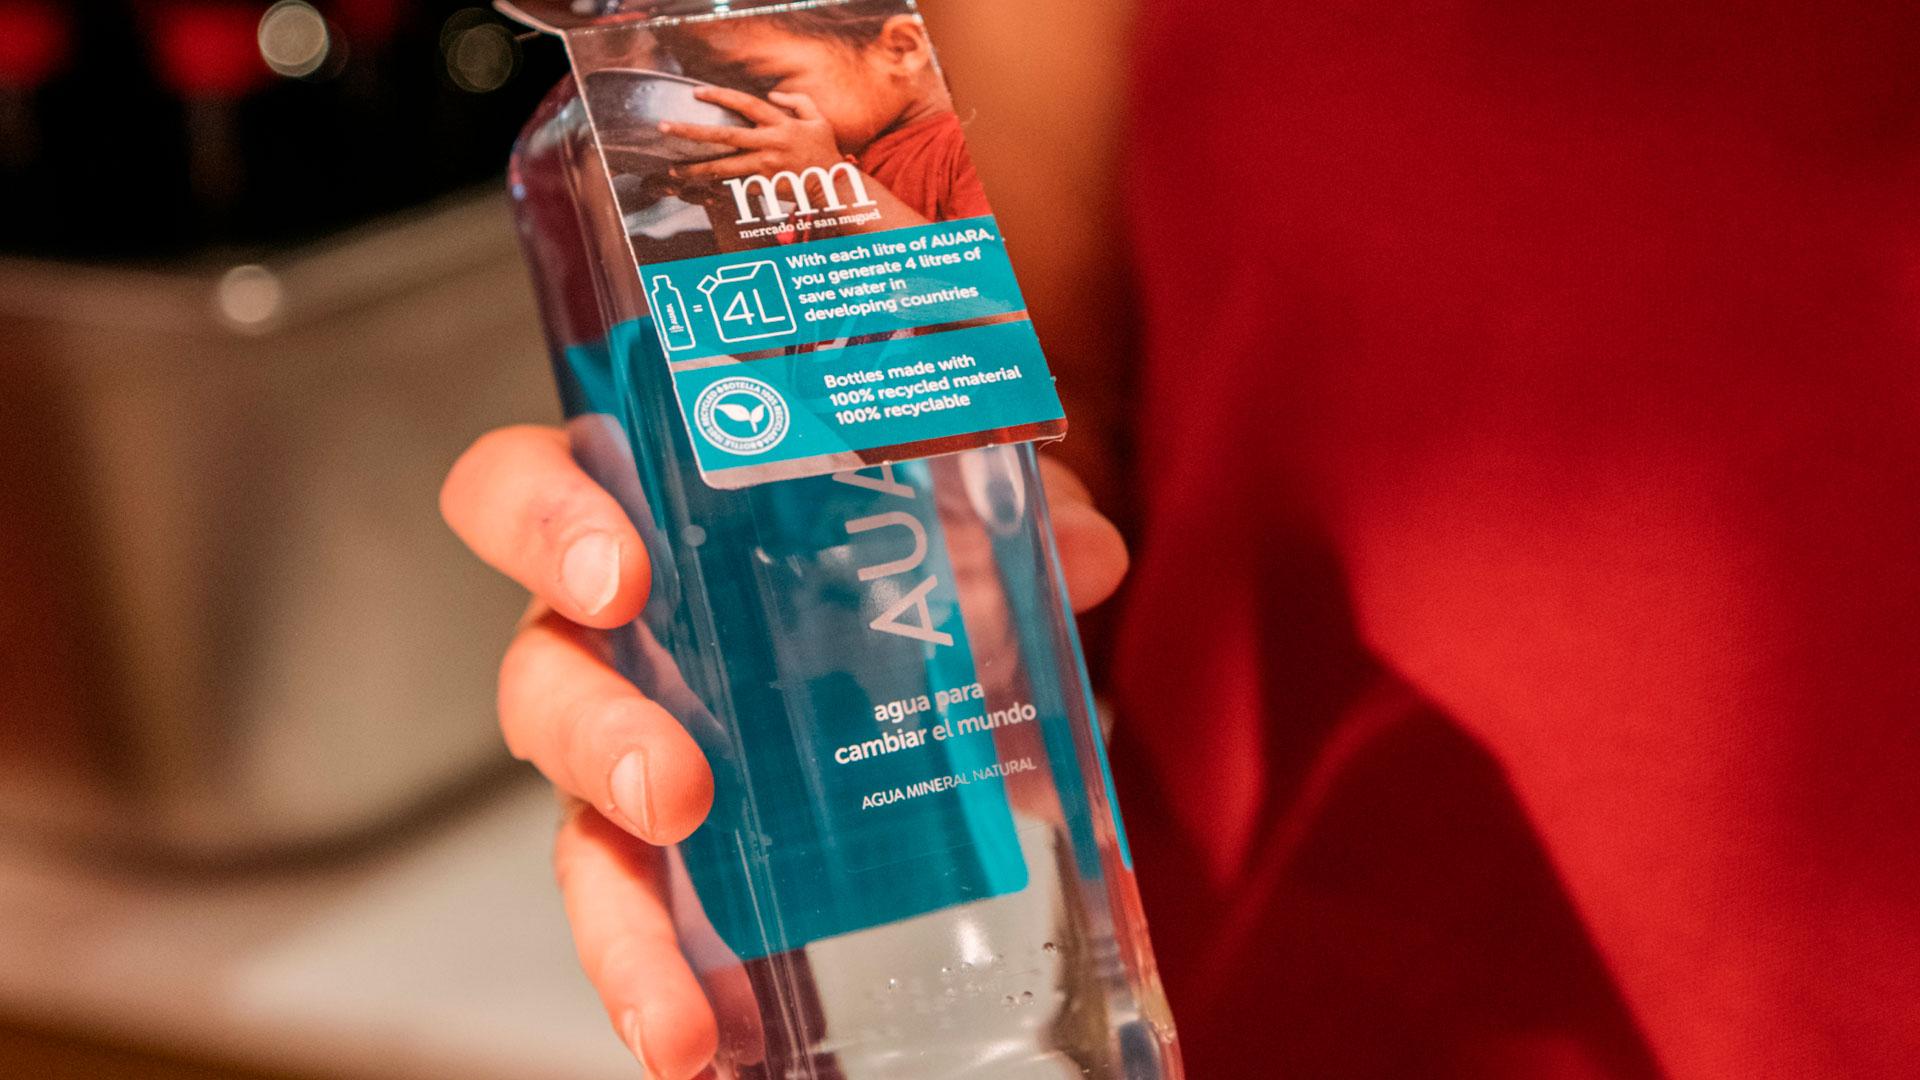 Imagen de la botella de agua Auara en el Mercado de San Miguel